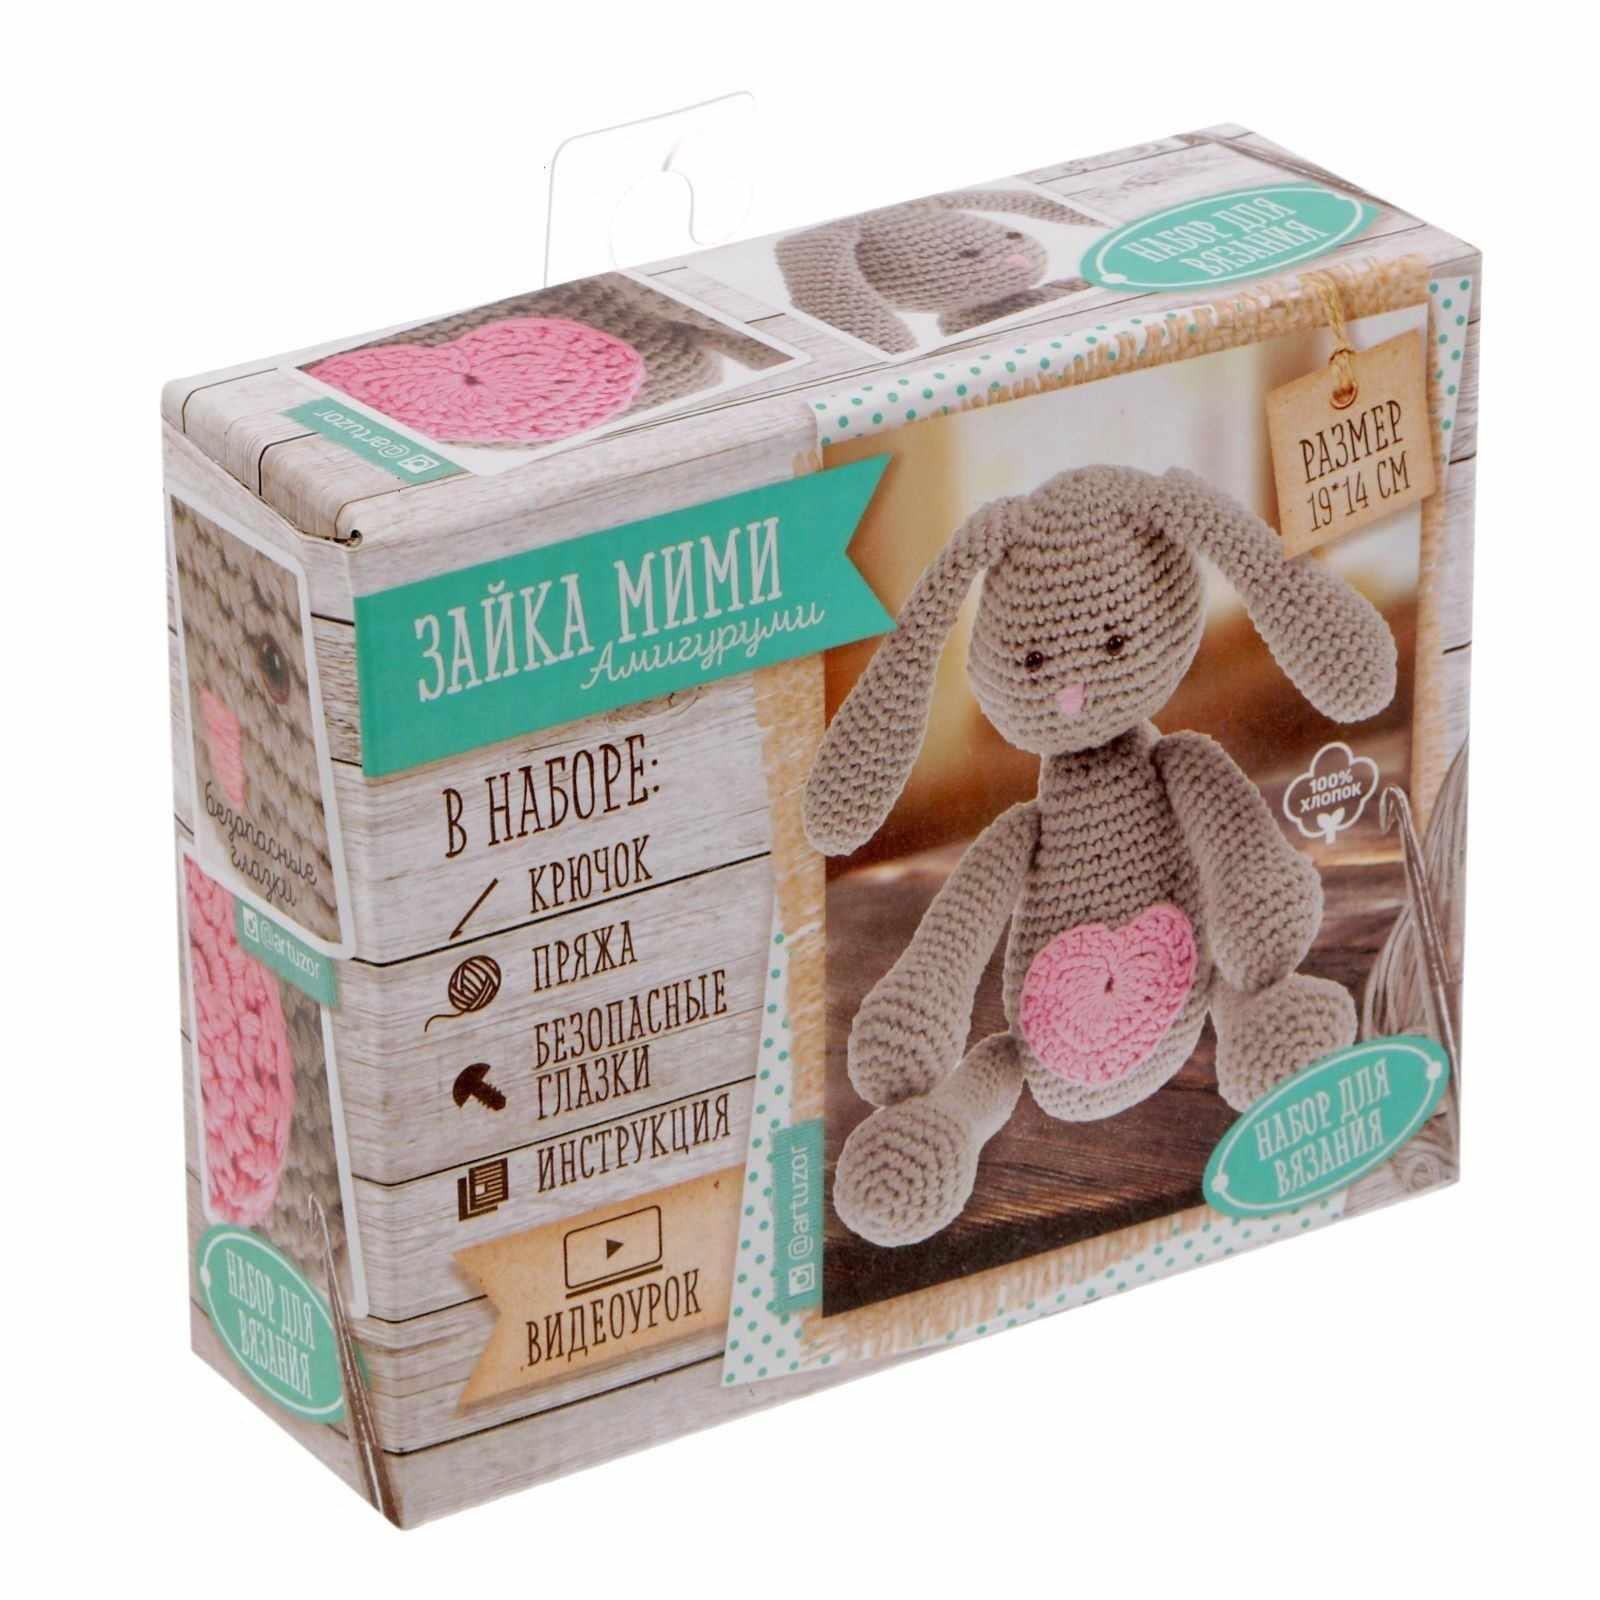 1657302 набор для вязания мягкая игрушка зайка мими купить в